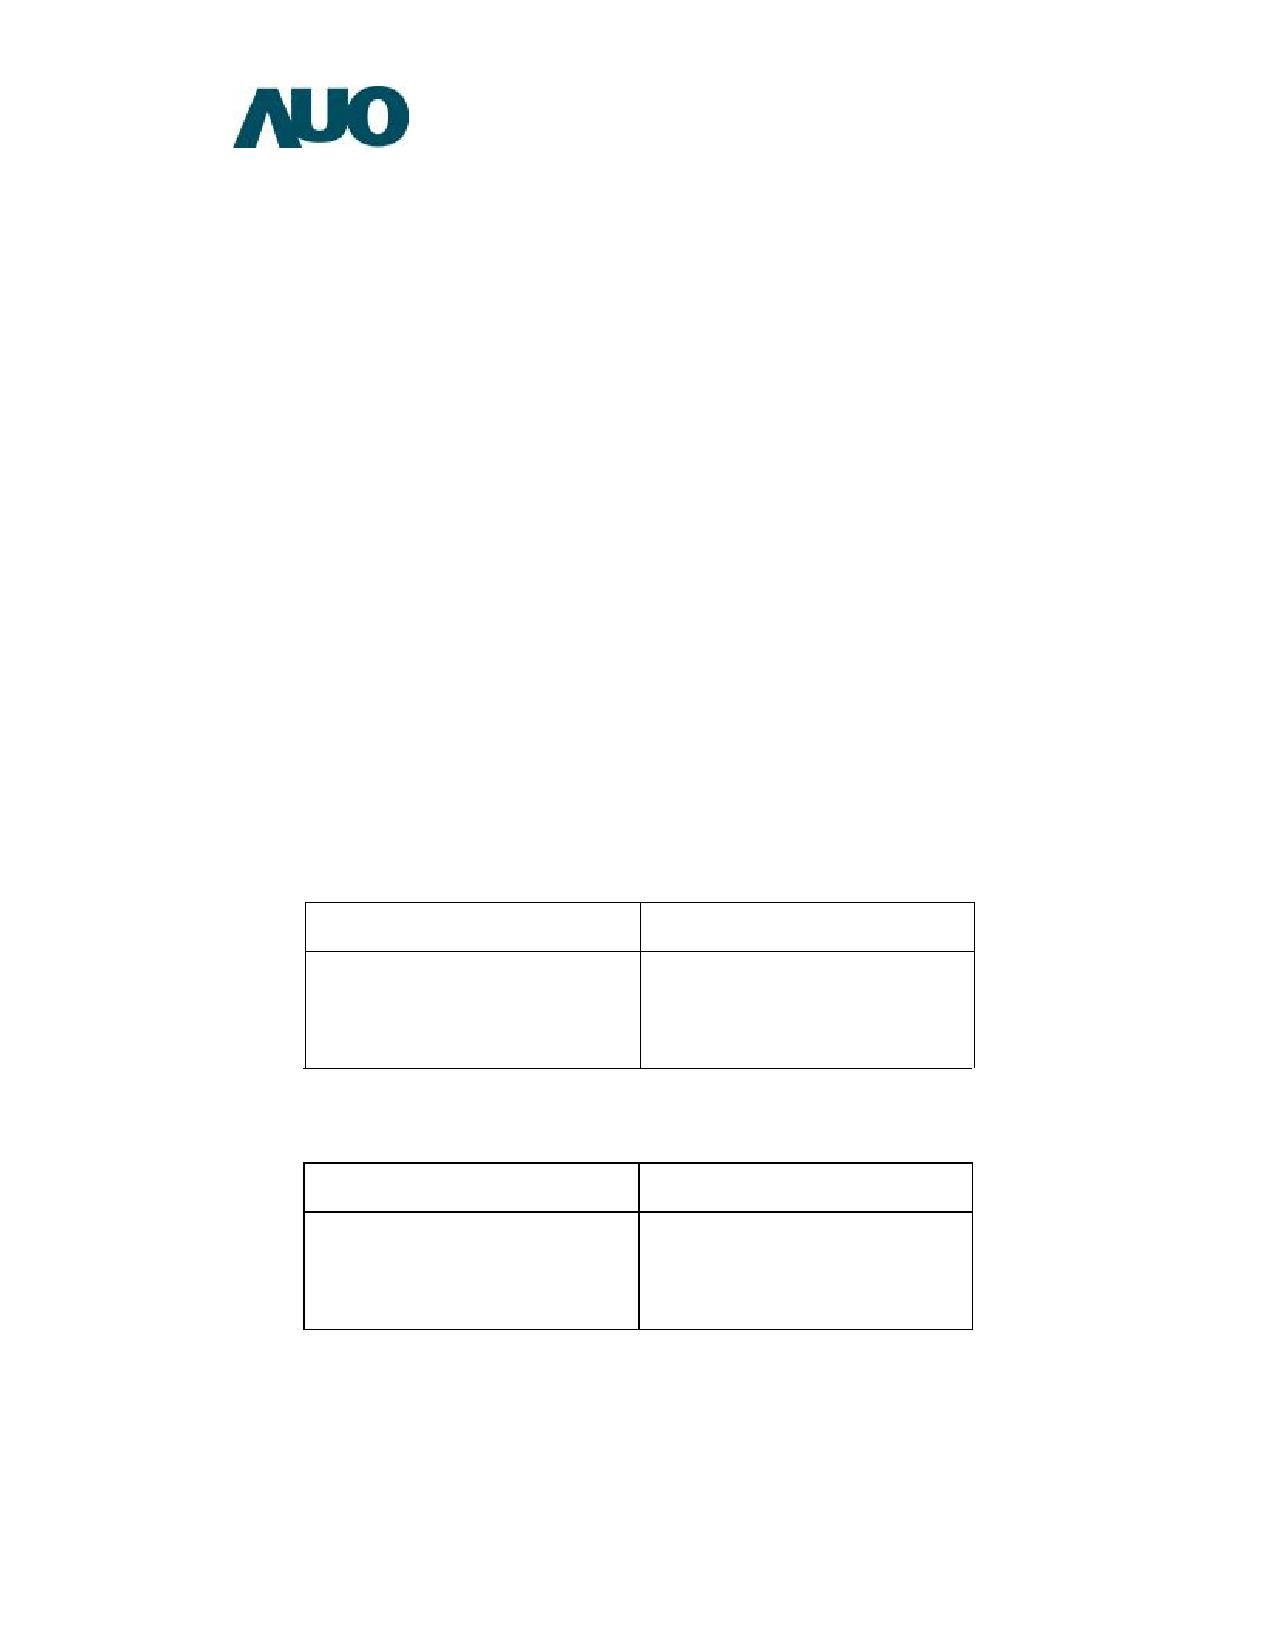 G0121SN01-V0 Hoja de datos, Descripción, Manual